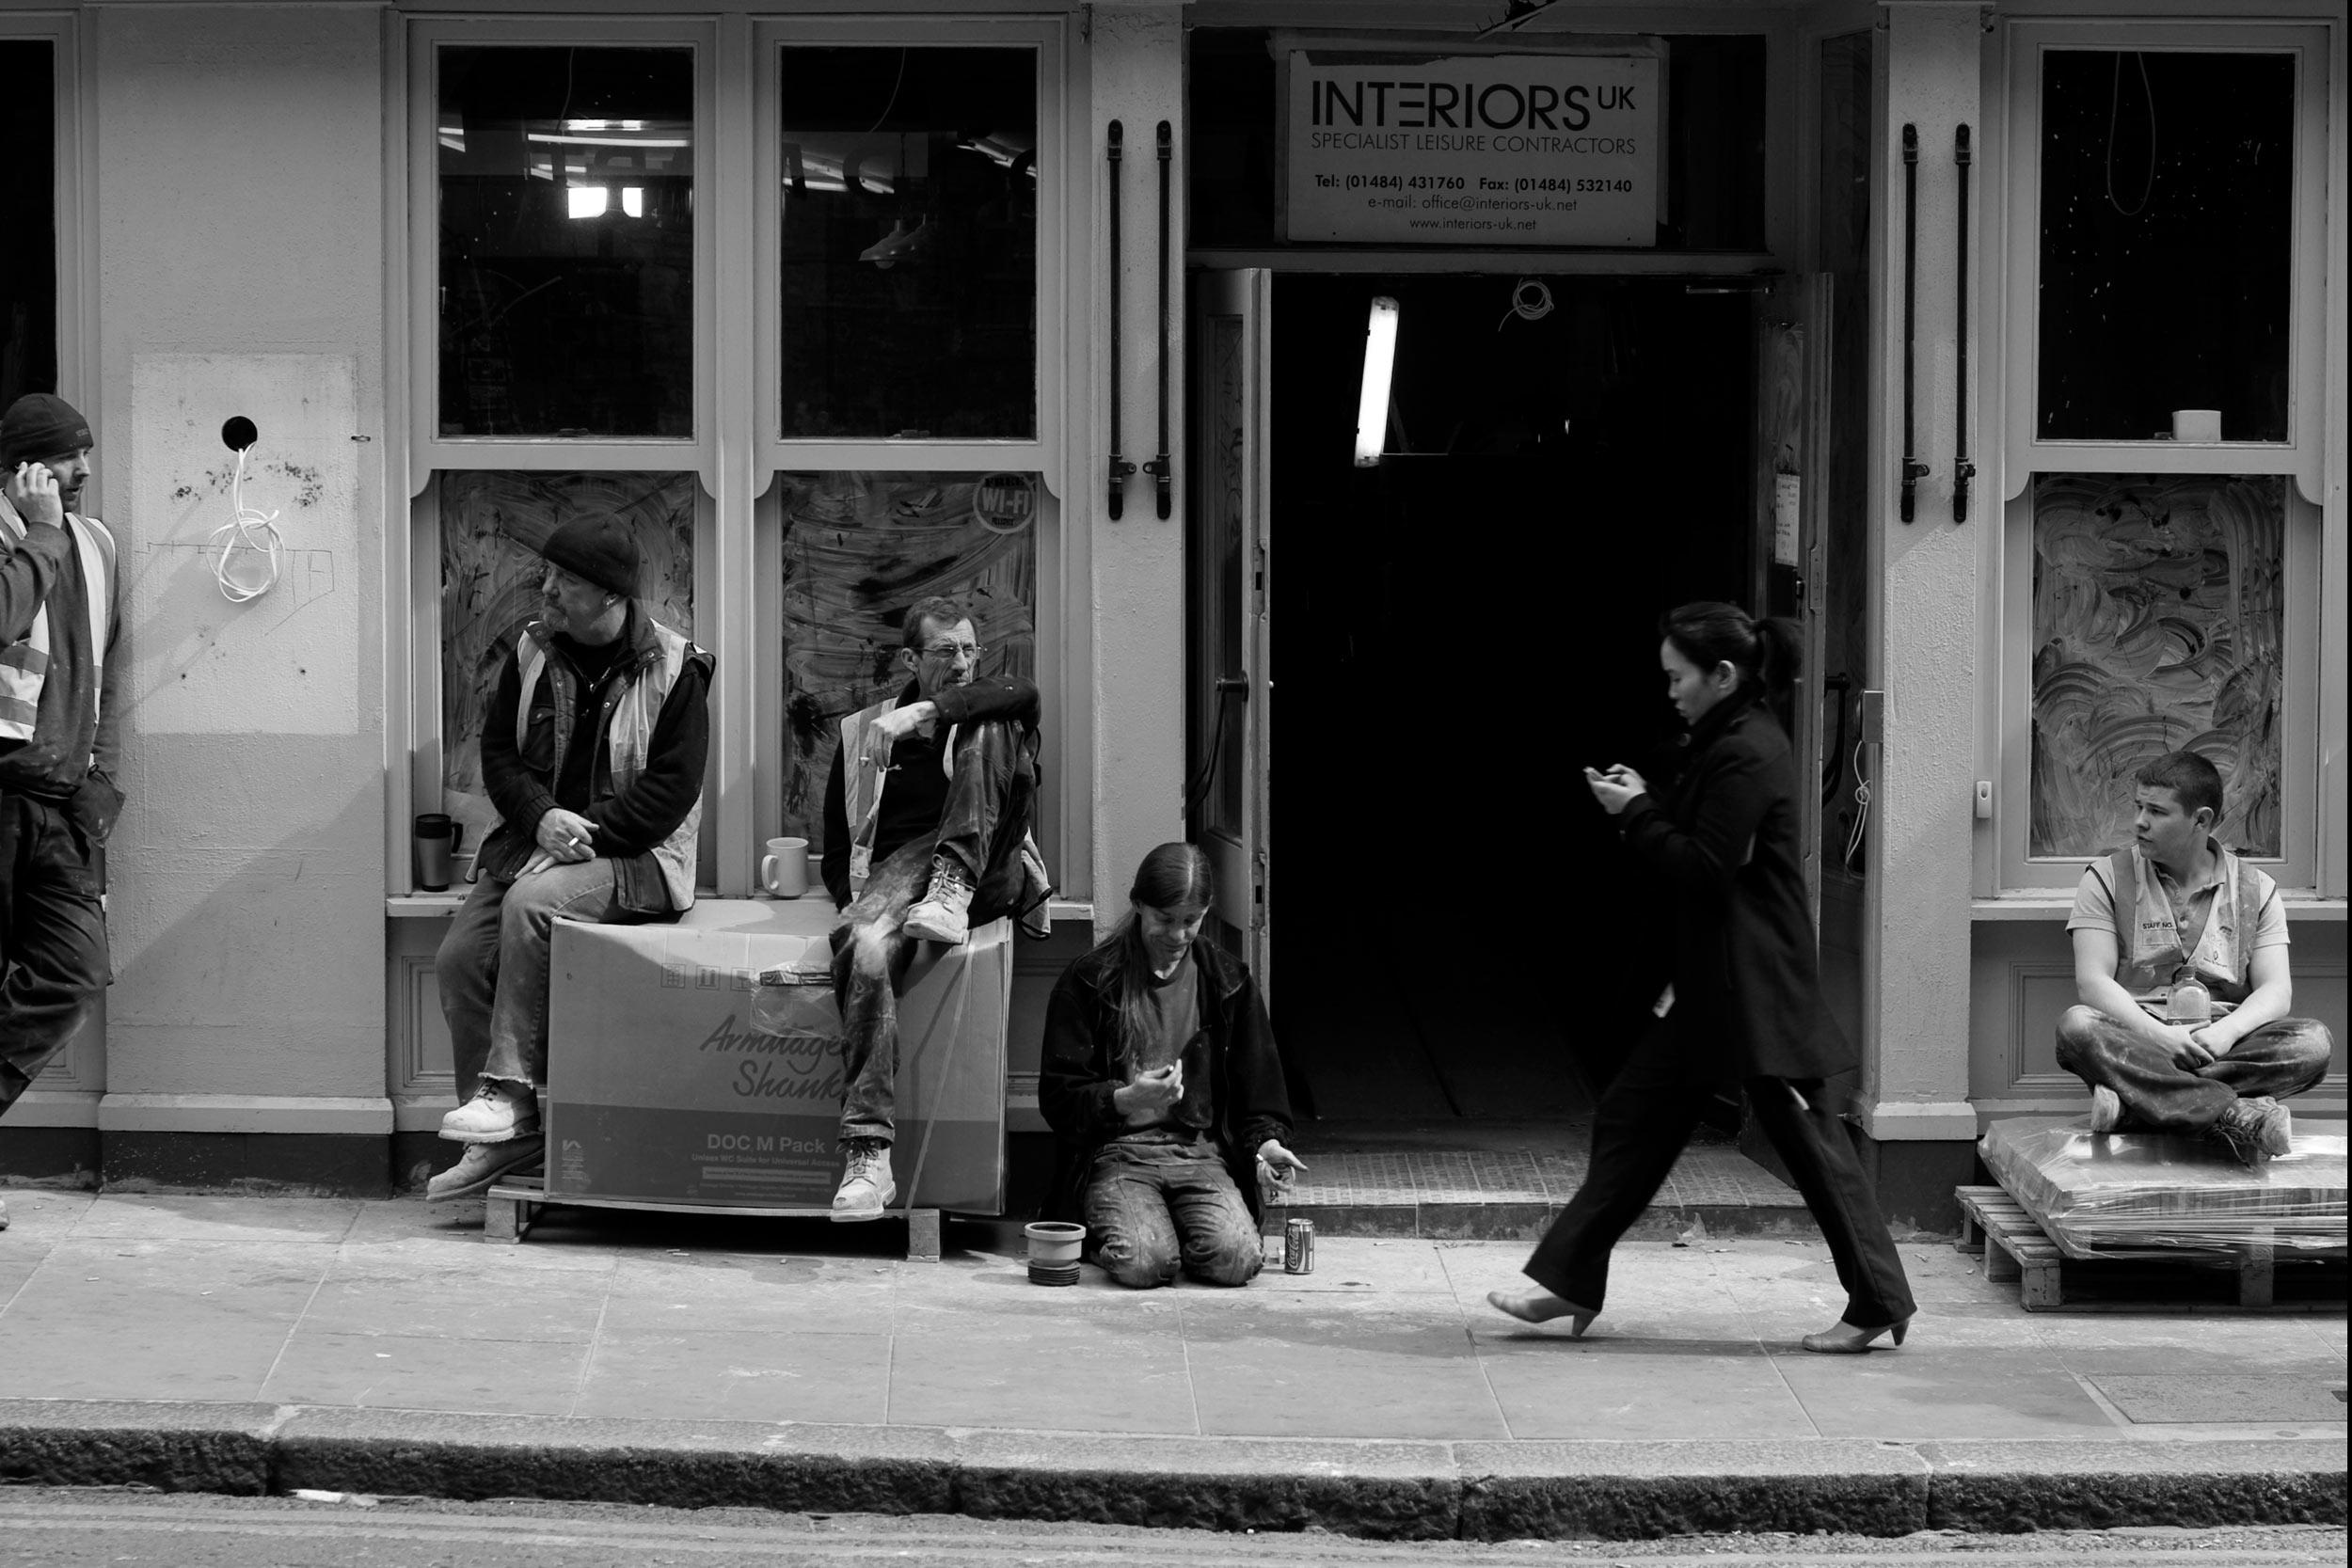 La Calle (5-of-6)